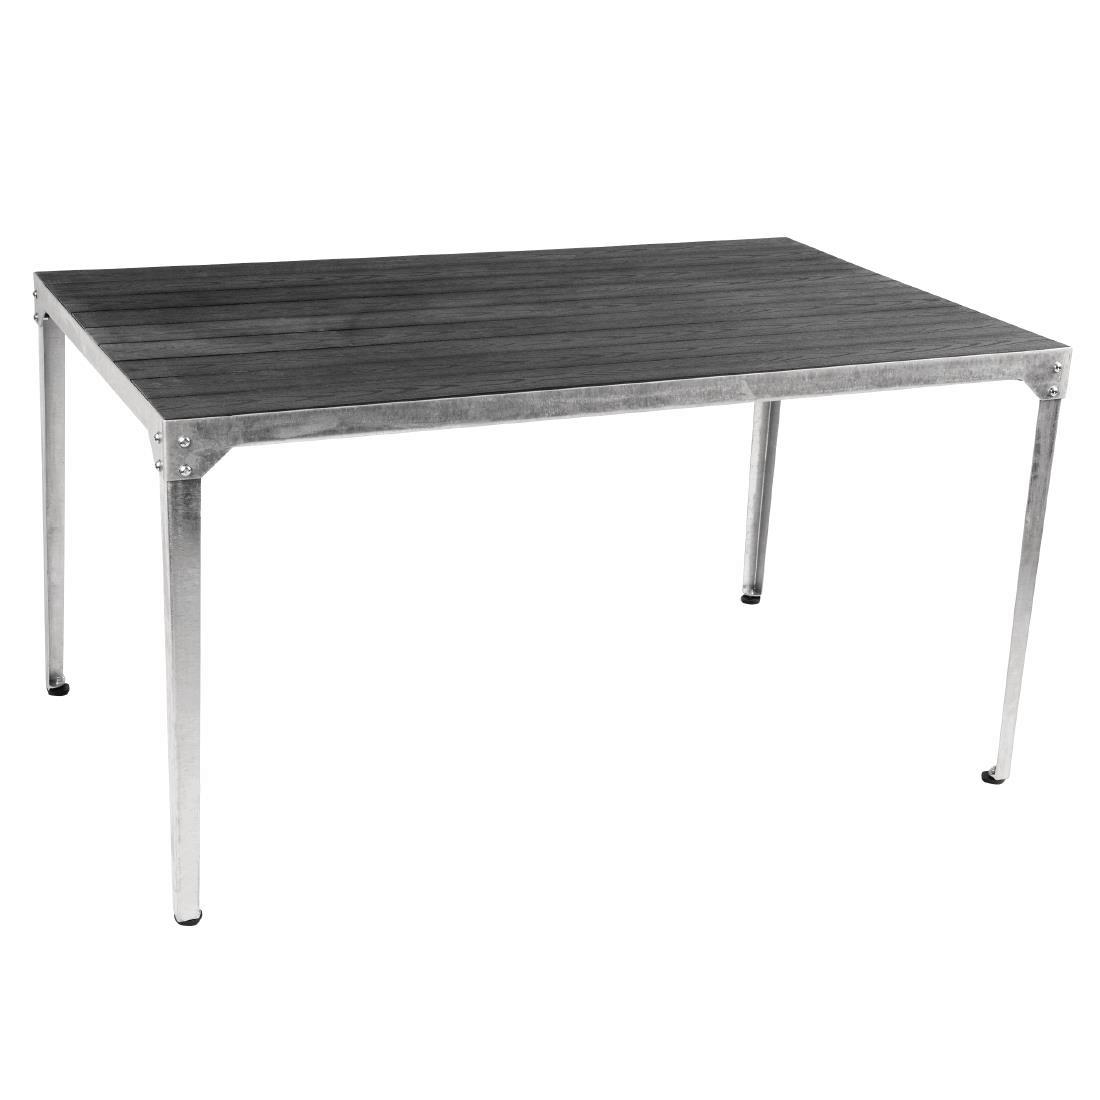 Steel + Faux Wood Table